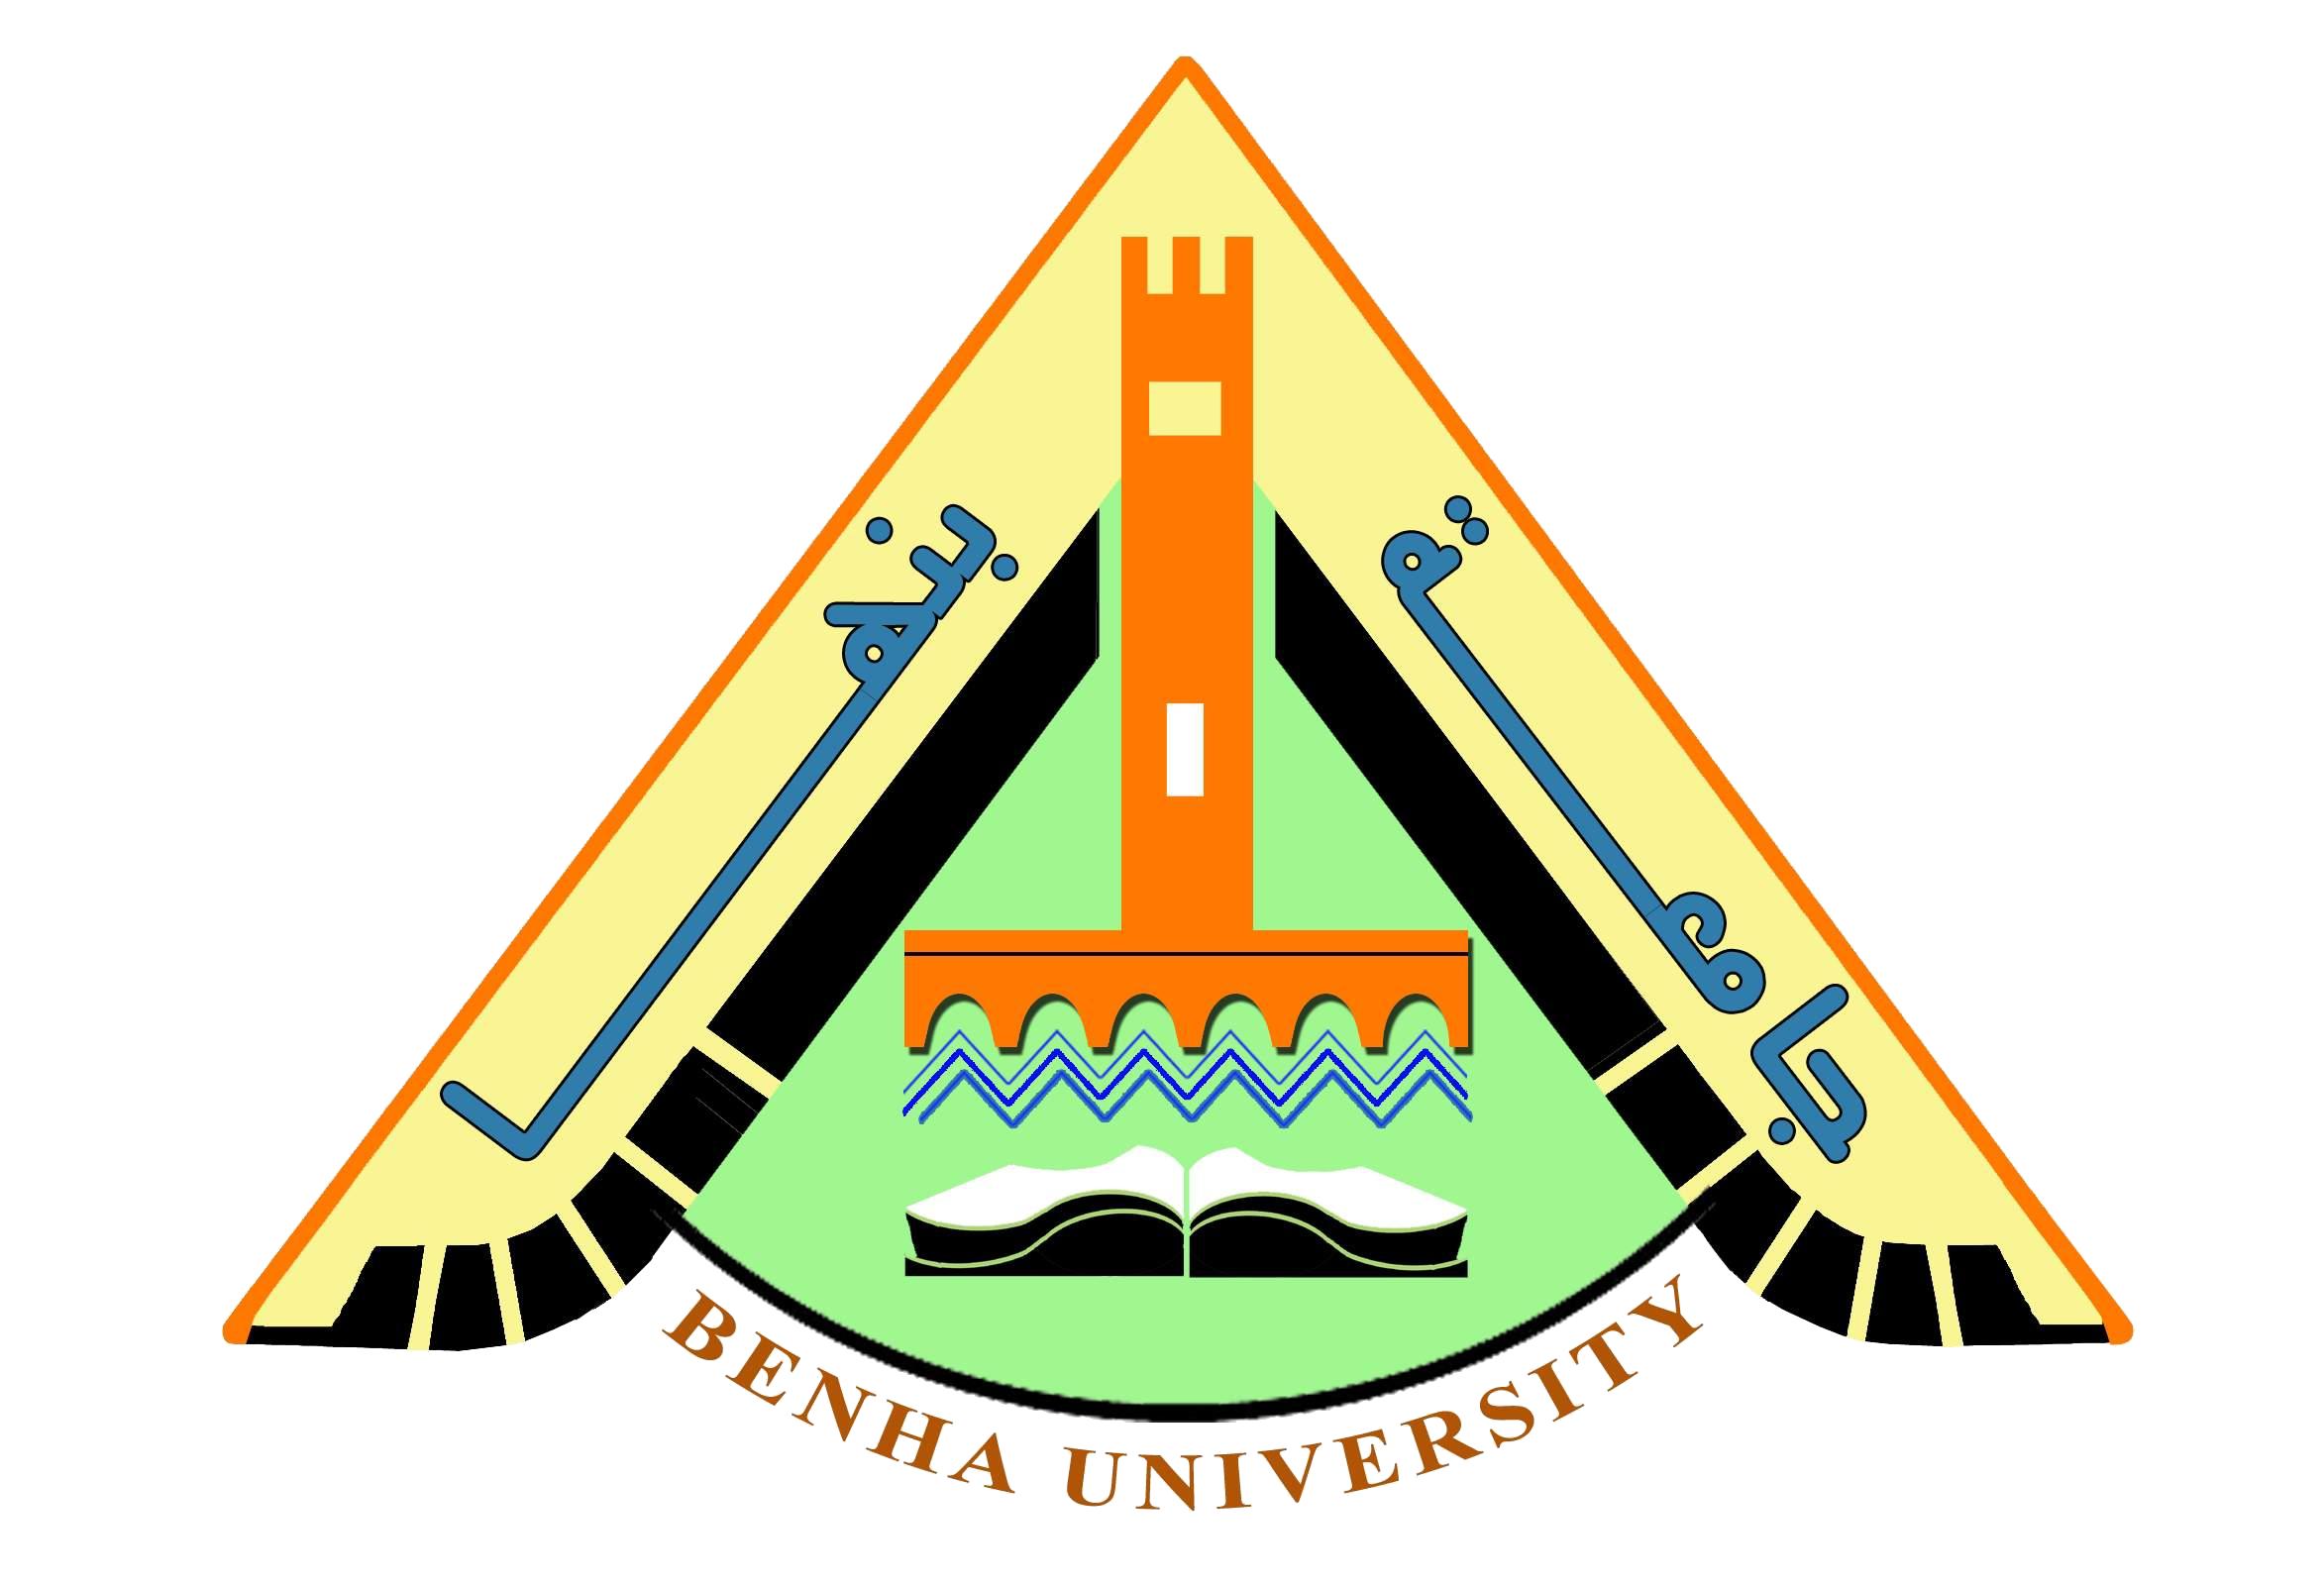 كلية الهندسة جامعة بنها ويكيبيديا